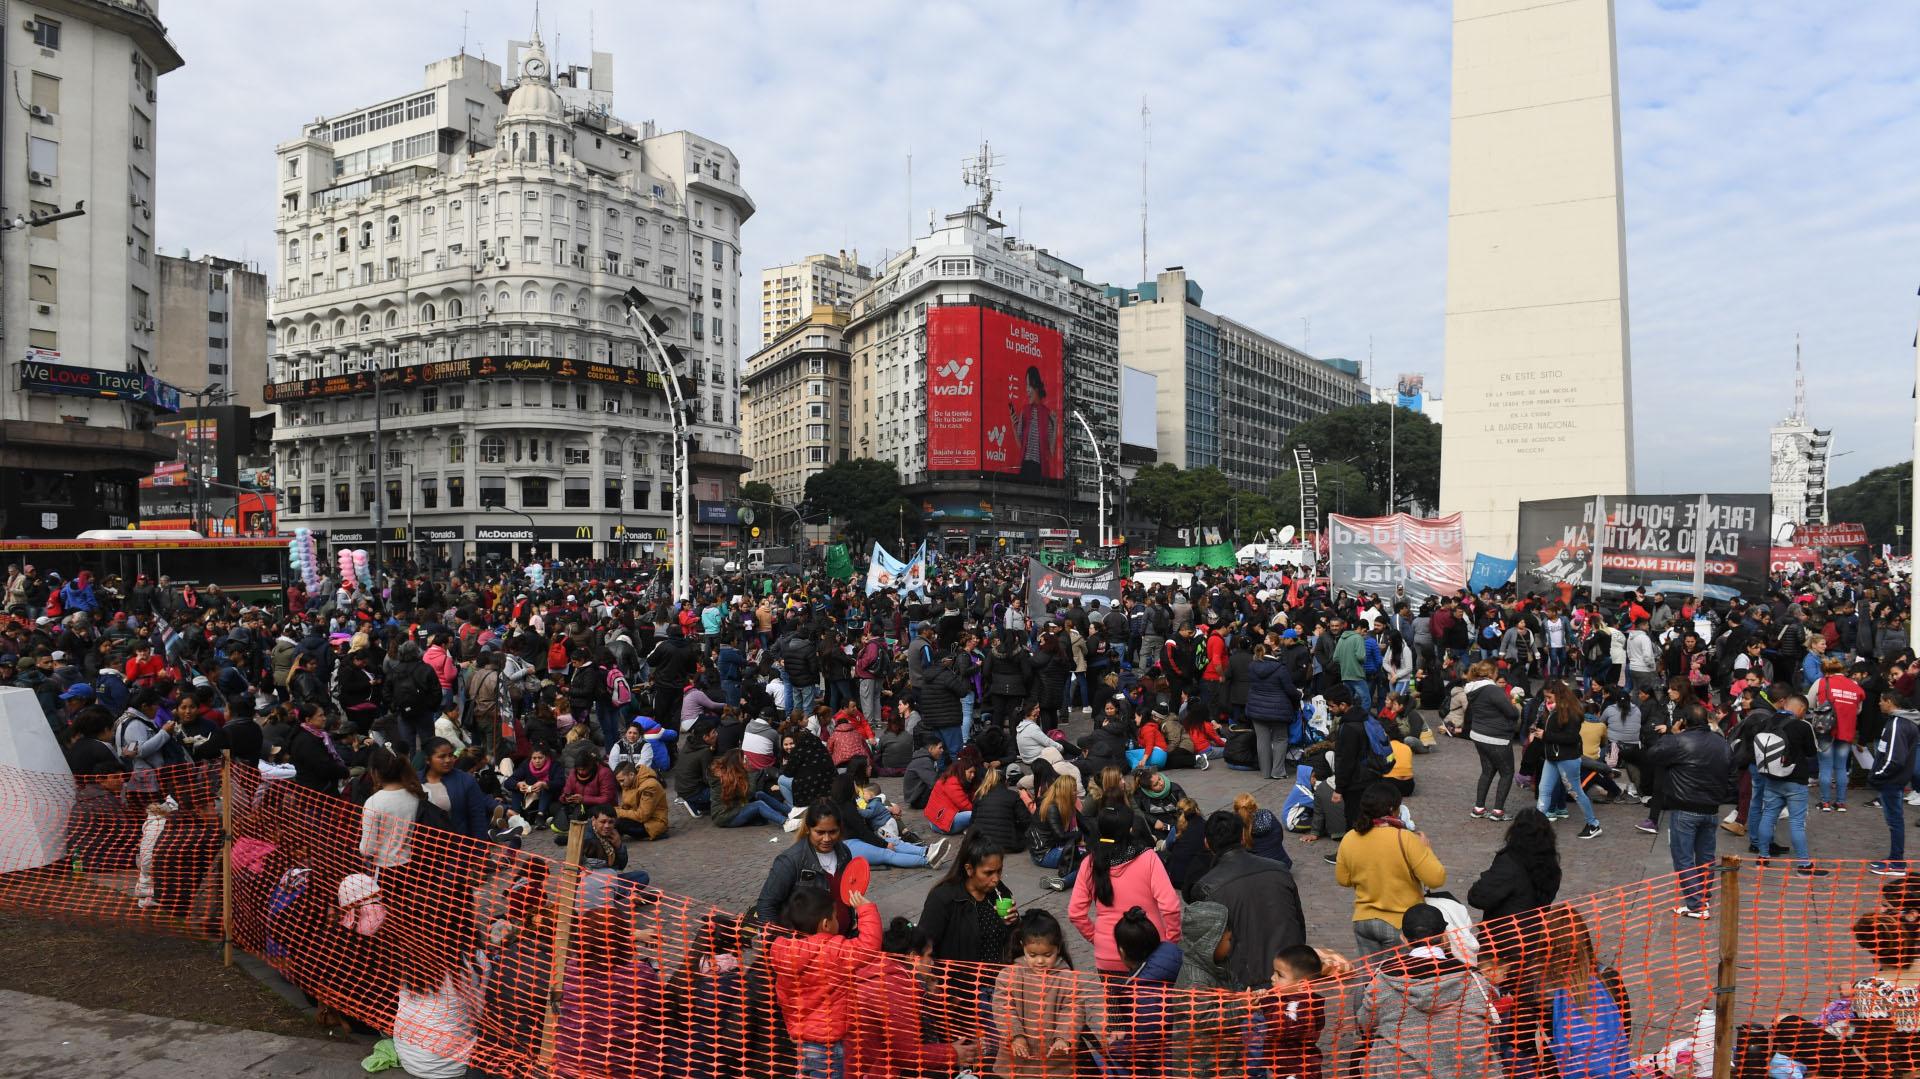 Participaron Frente Popular Darío Santillán (FPDS), Frente de Organizaciones en Lucha (FOL), Federación de Organizaciones de Base (FOB) y el MTD Aníbal Verón, entre otros